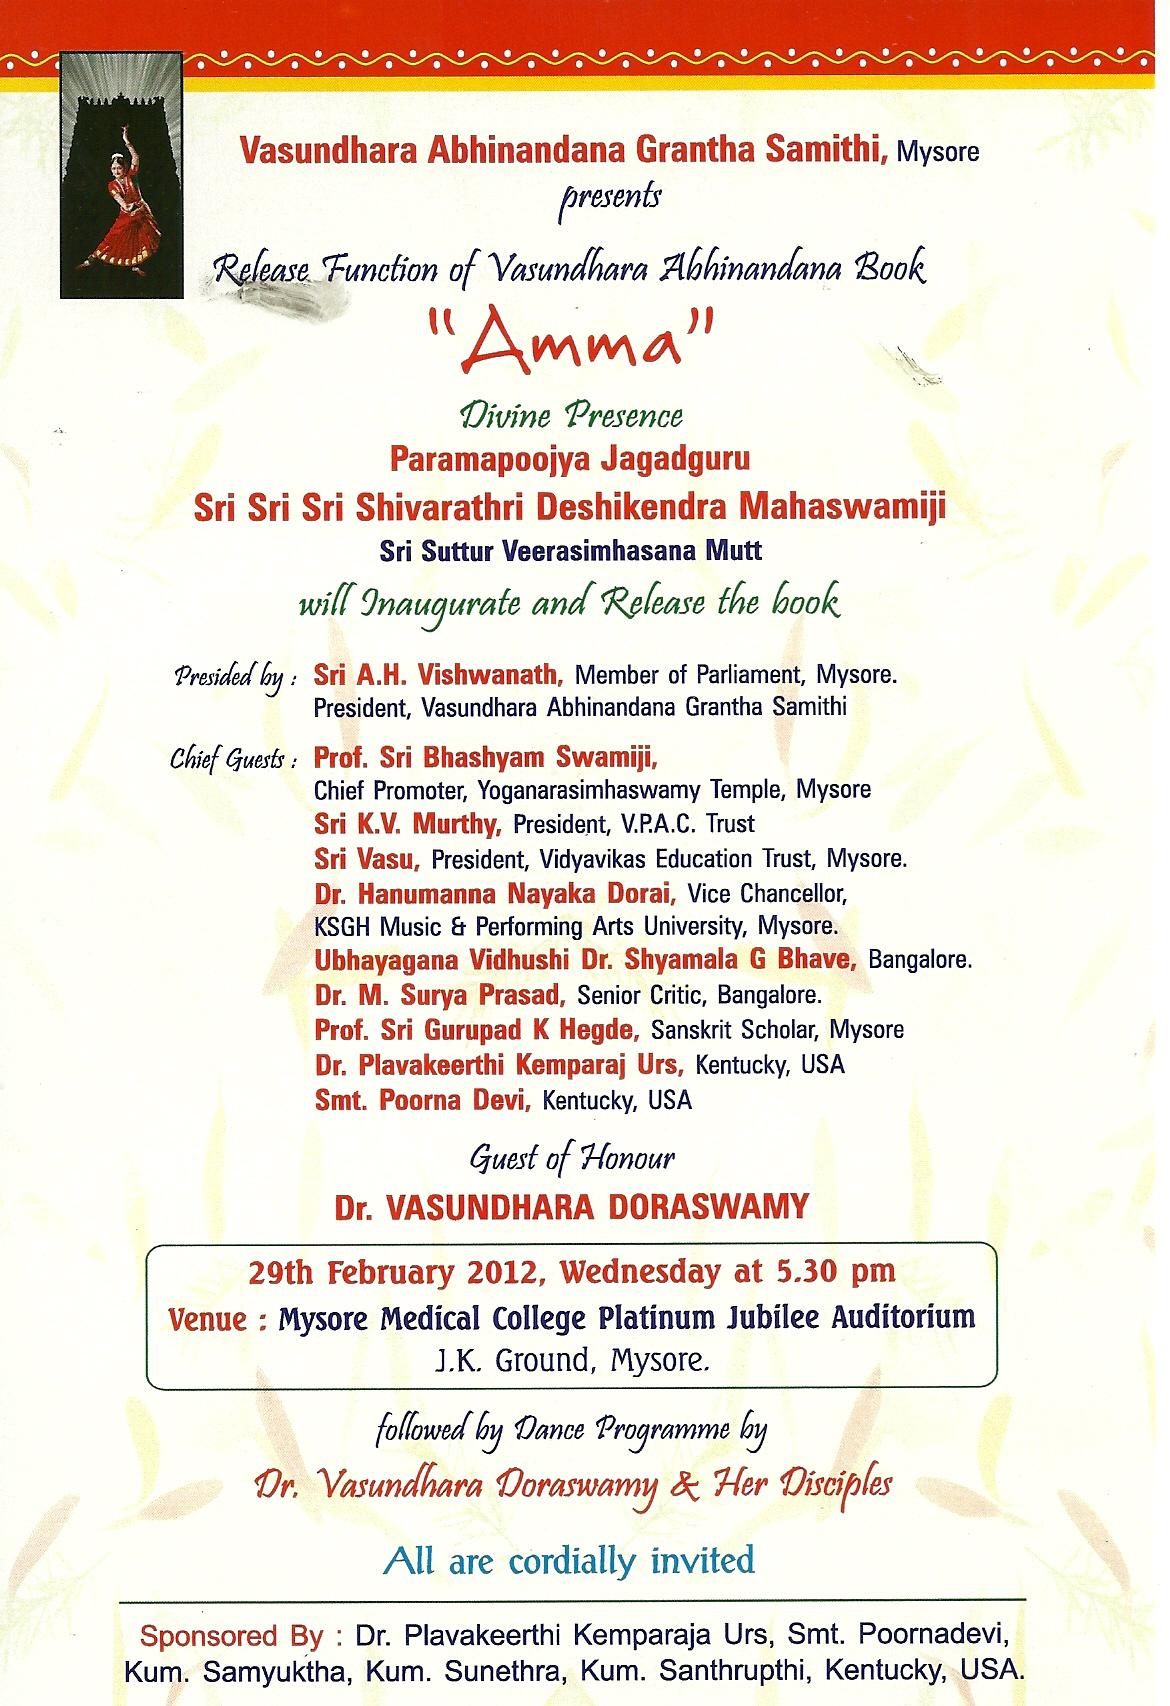 Vasundhara Doraswamy Bharatanatyam Indian Classical Dance Arts